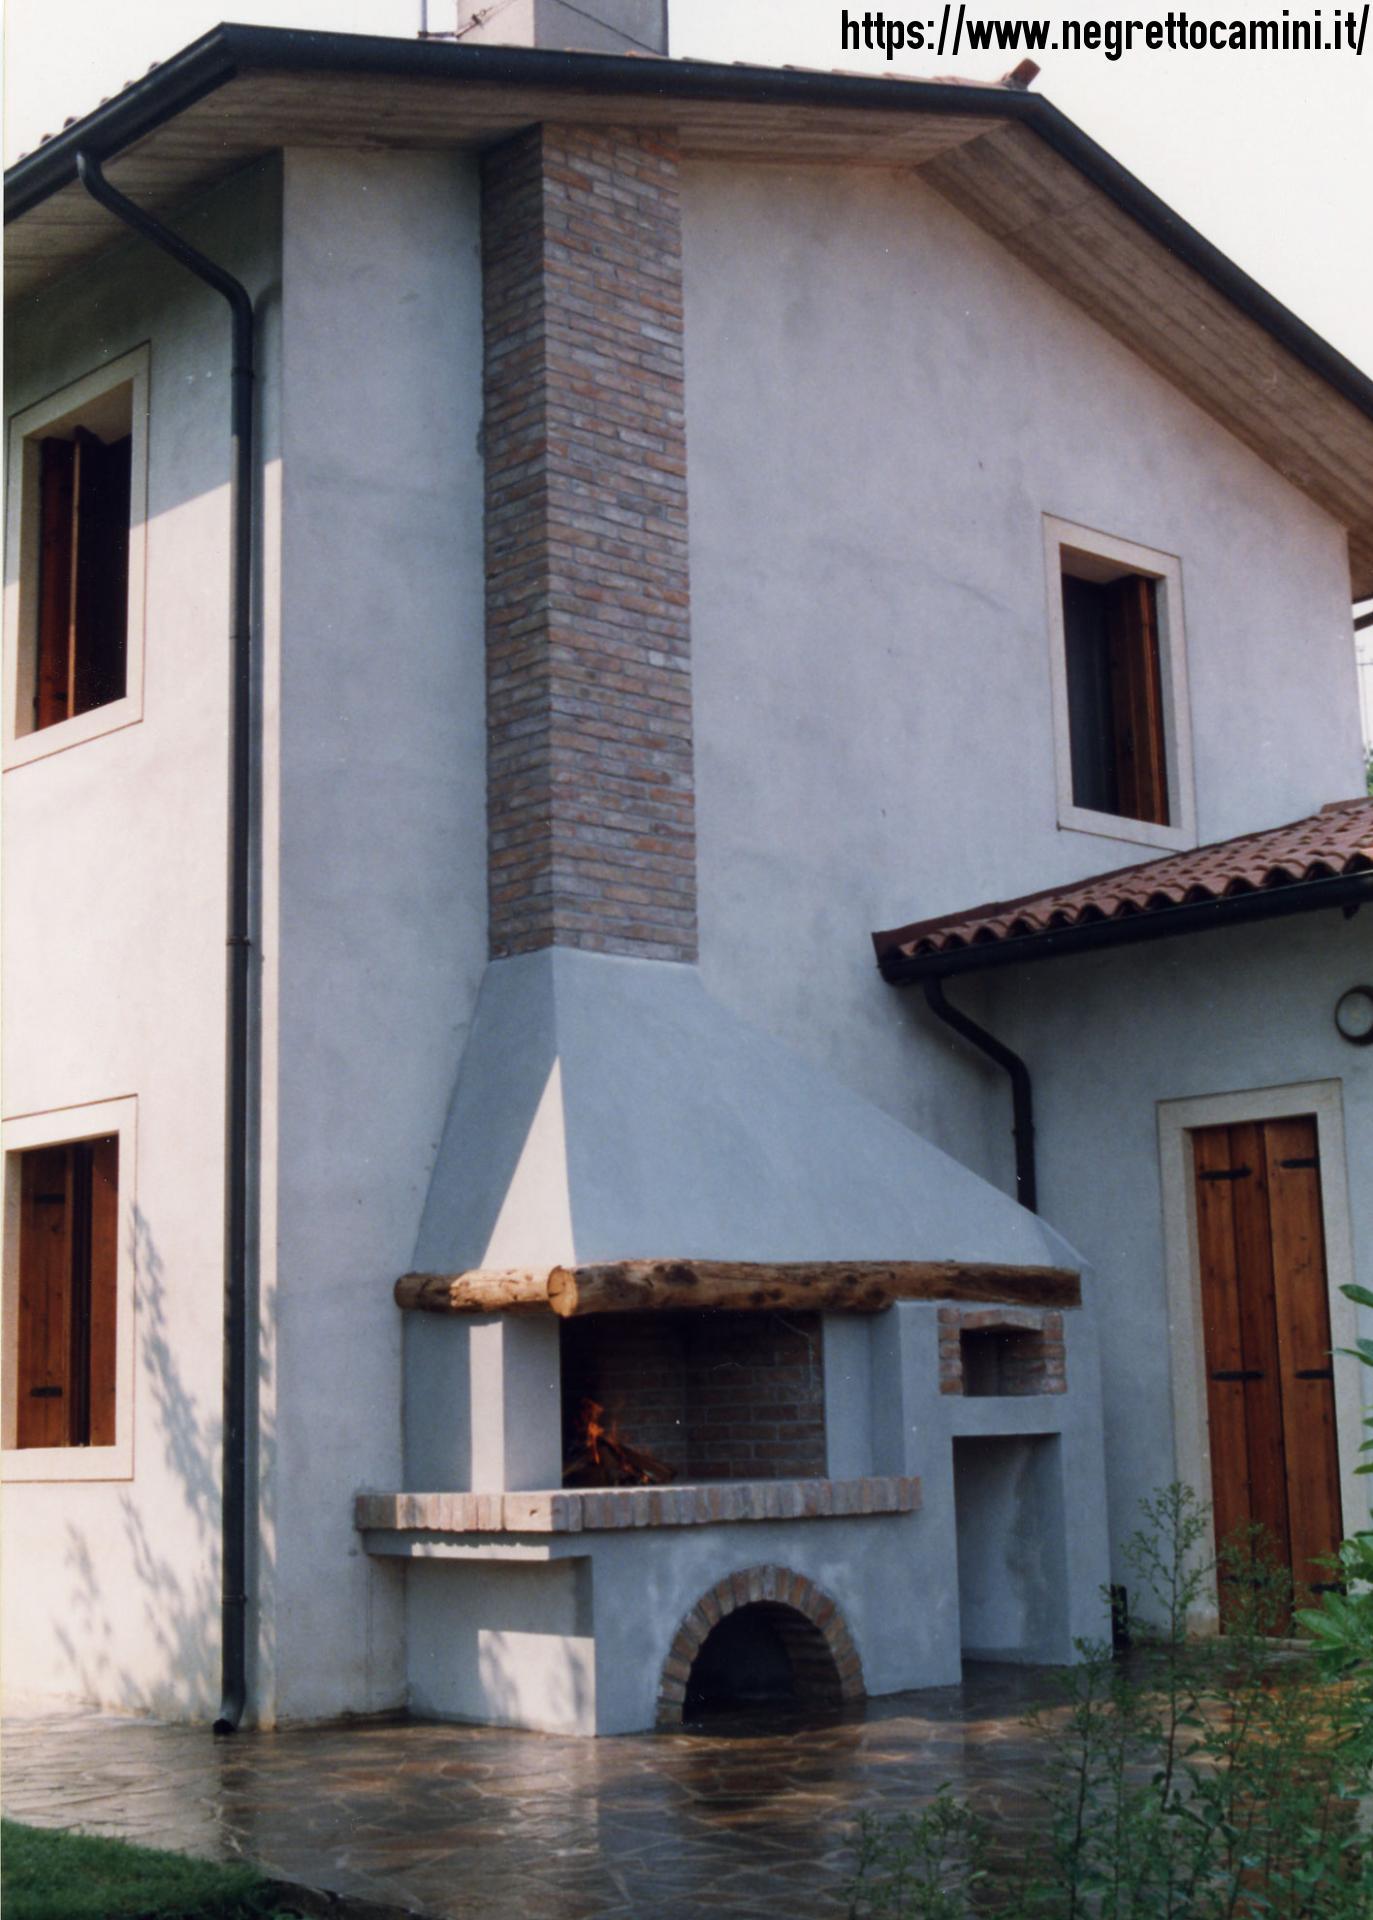 Camino con forno pizza negretto camini d 39 autore - Camino con forno ...